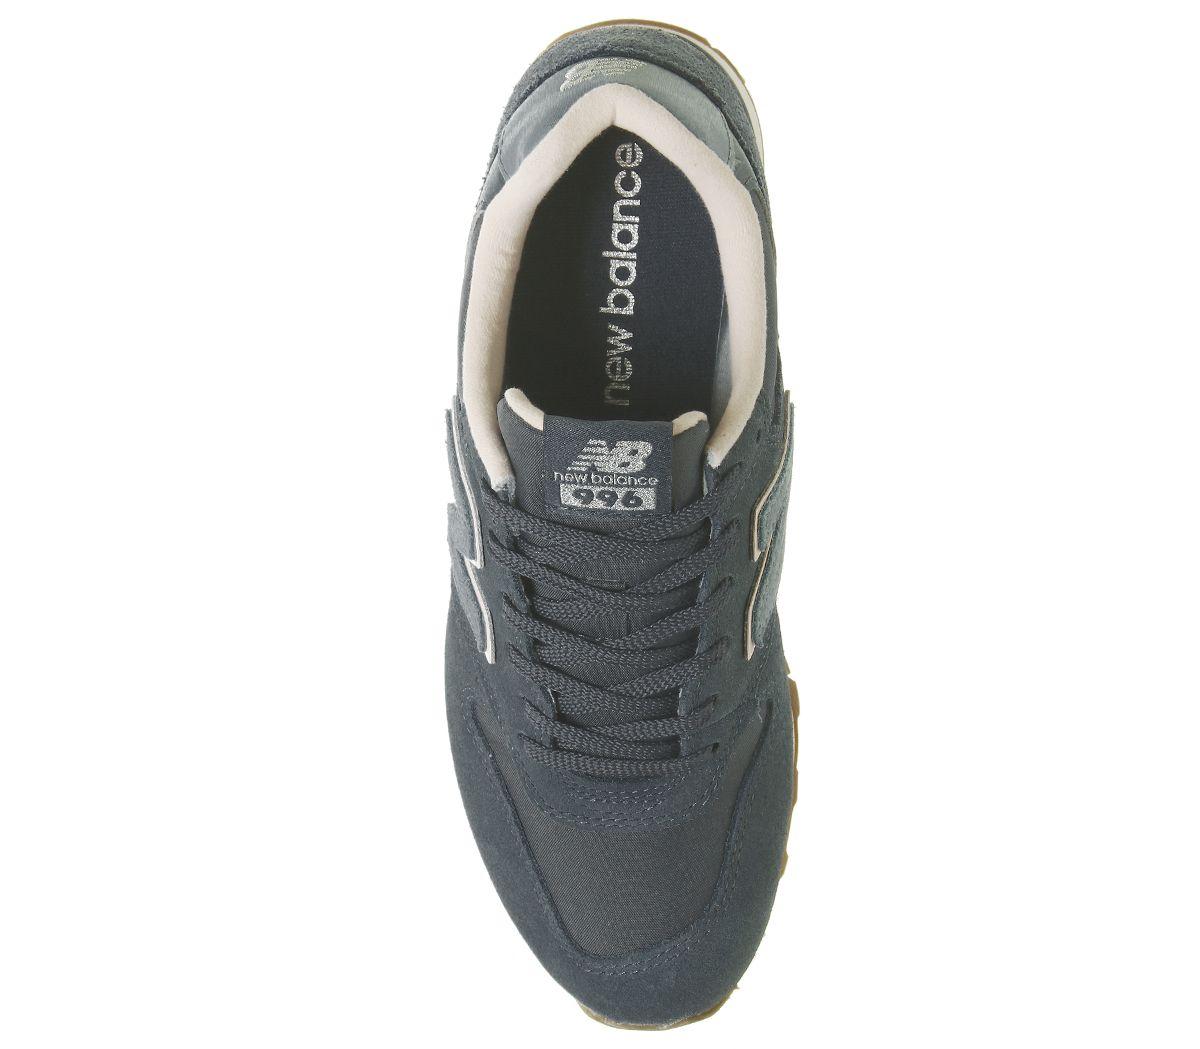 Foot Locker Step Forward. The Mint New Balance 574